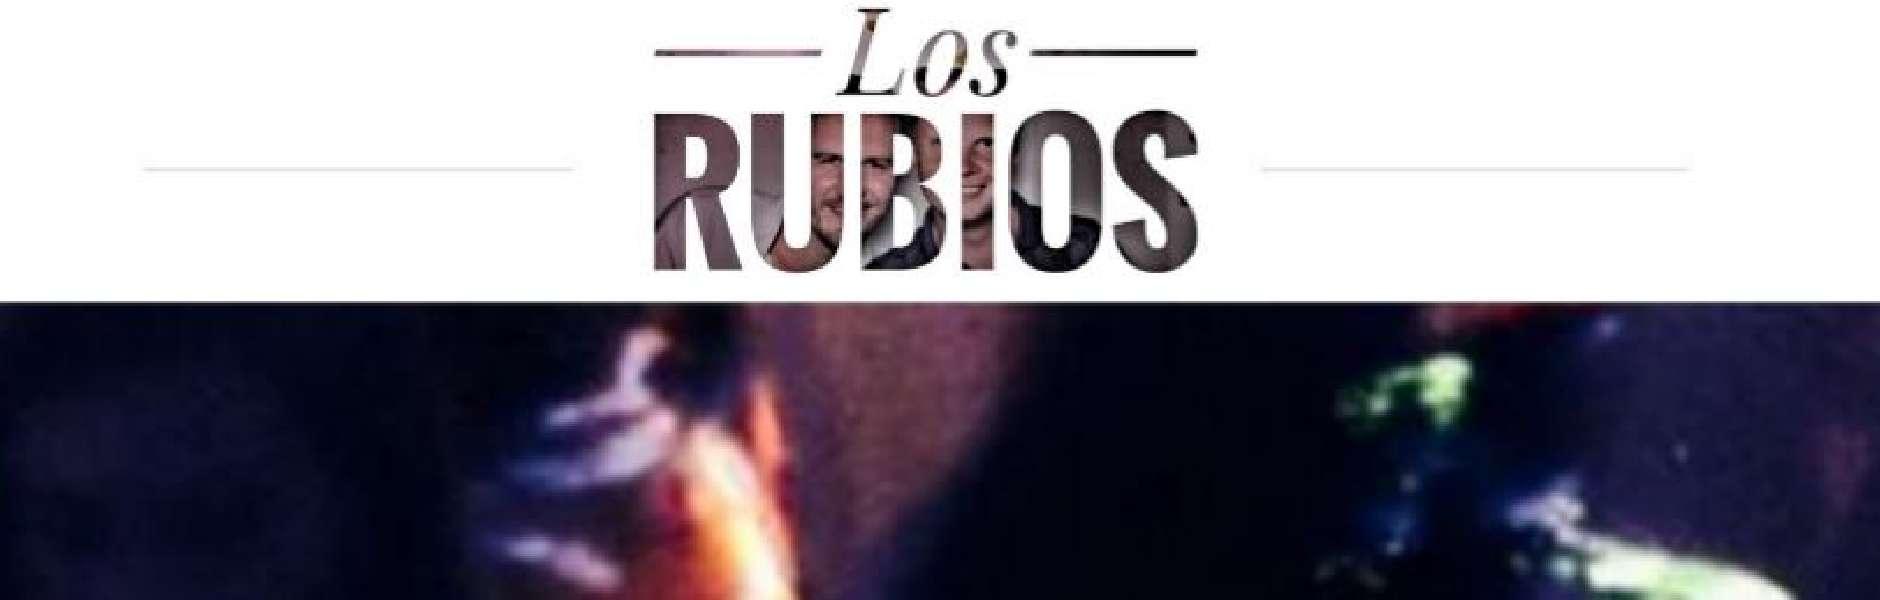 Los Rubios